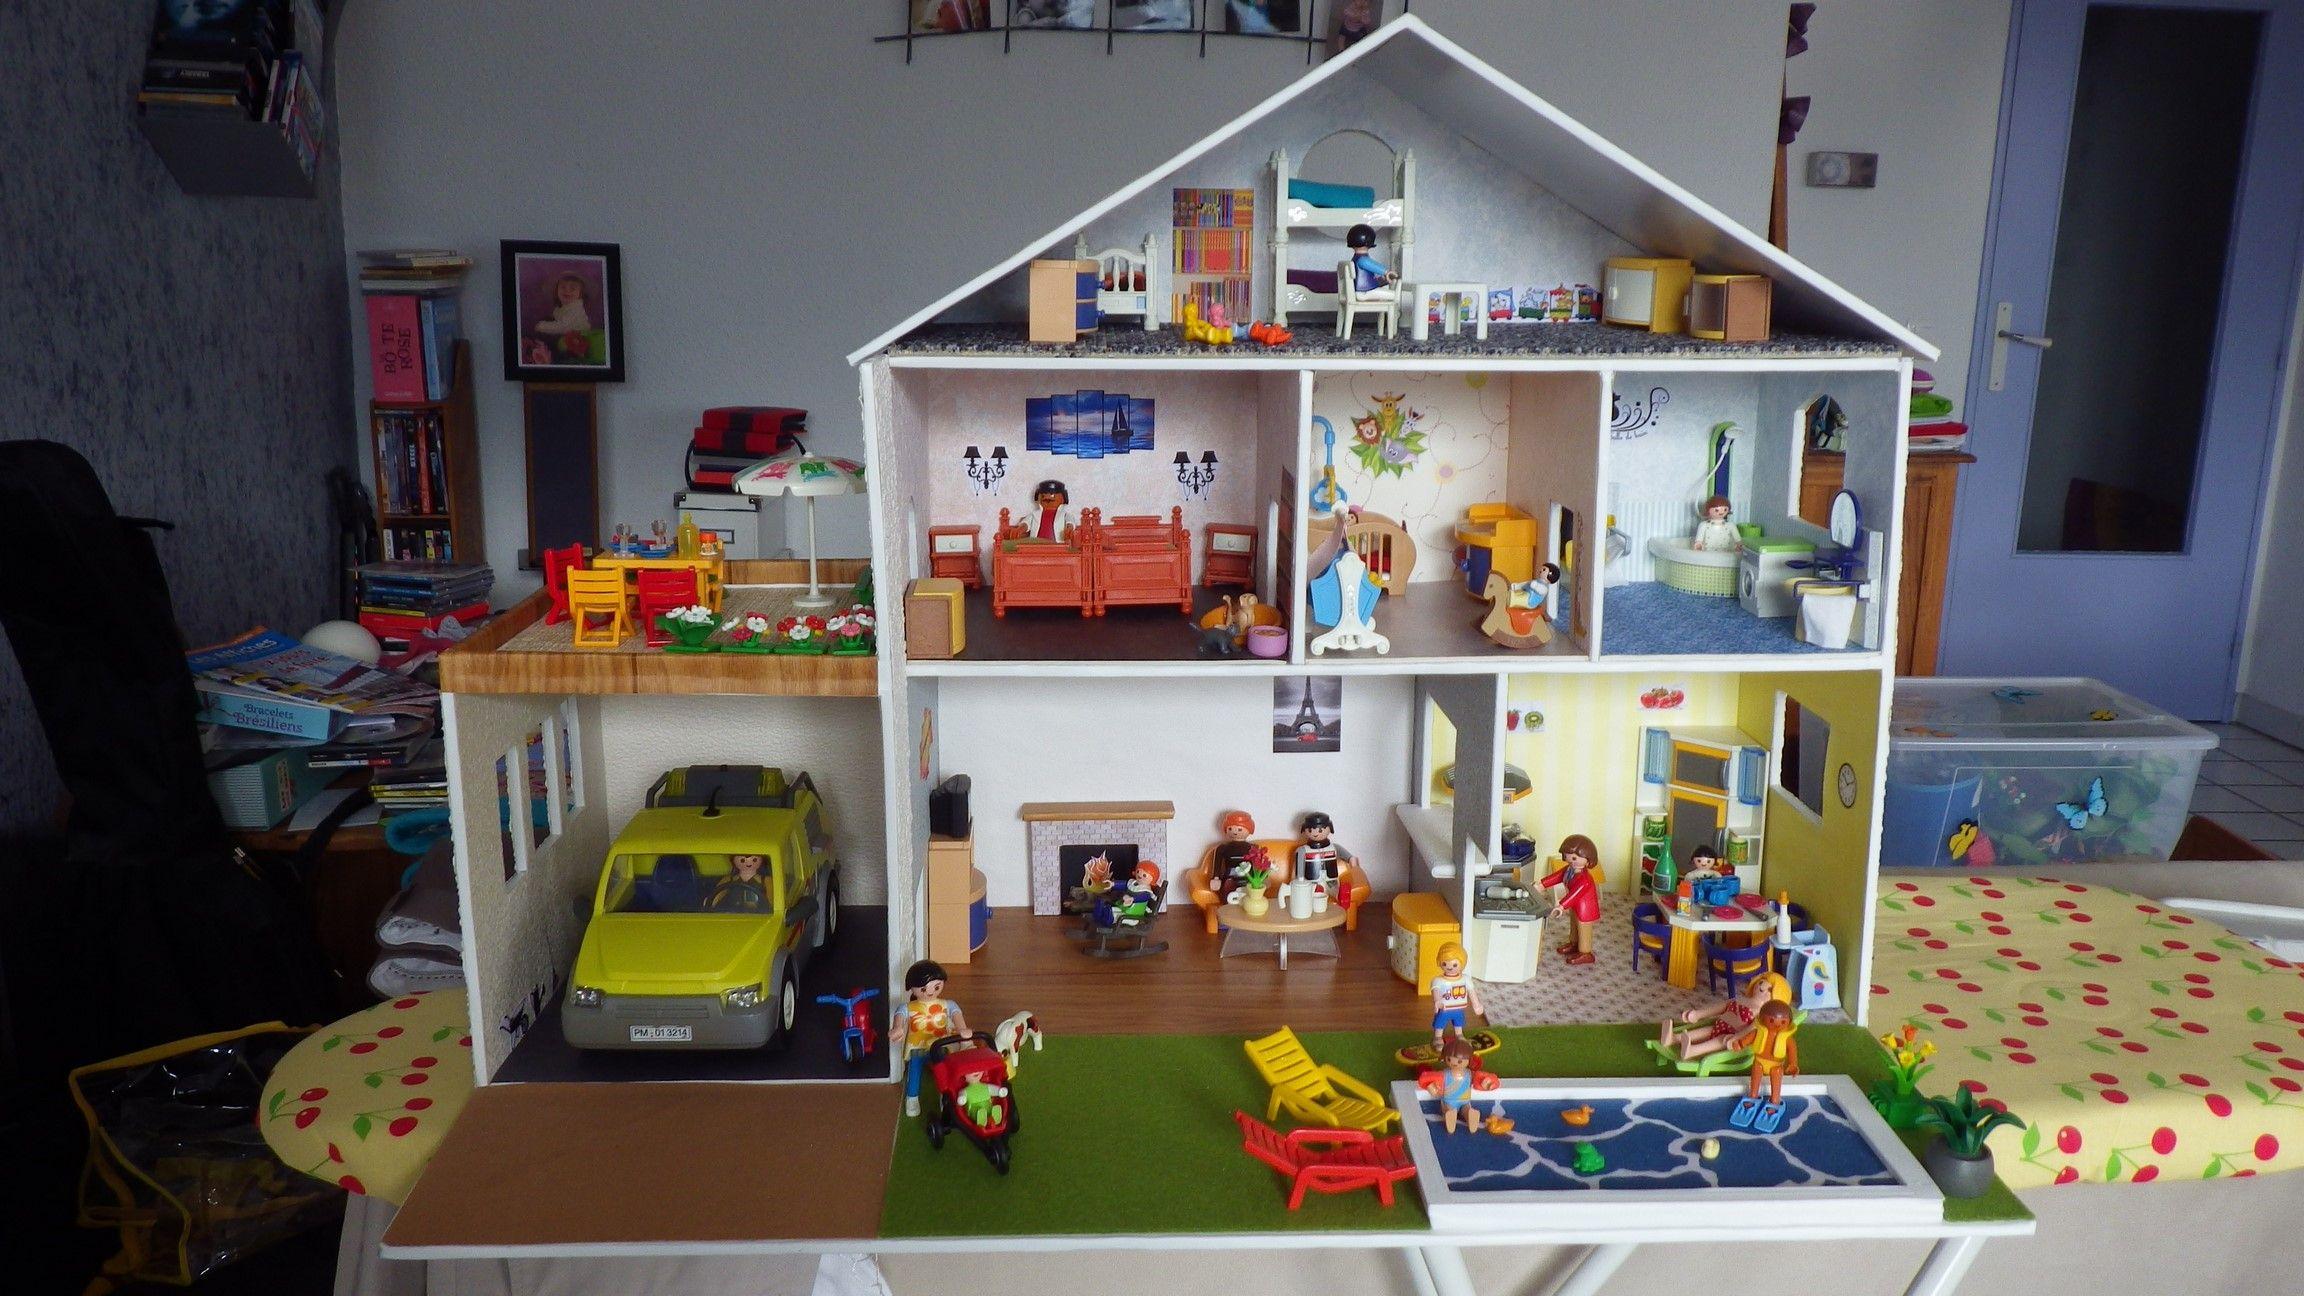 epingle sur maison playmobil